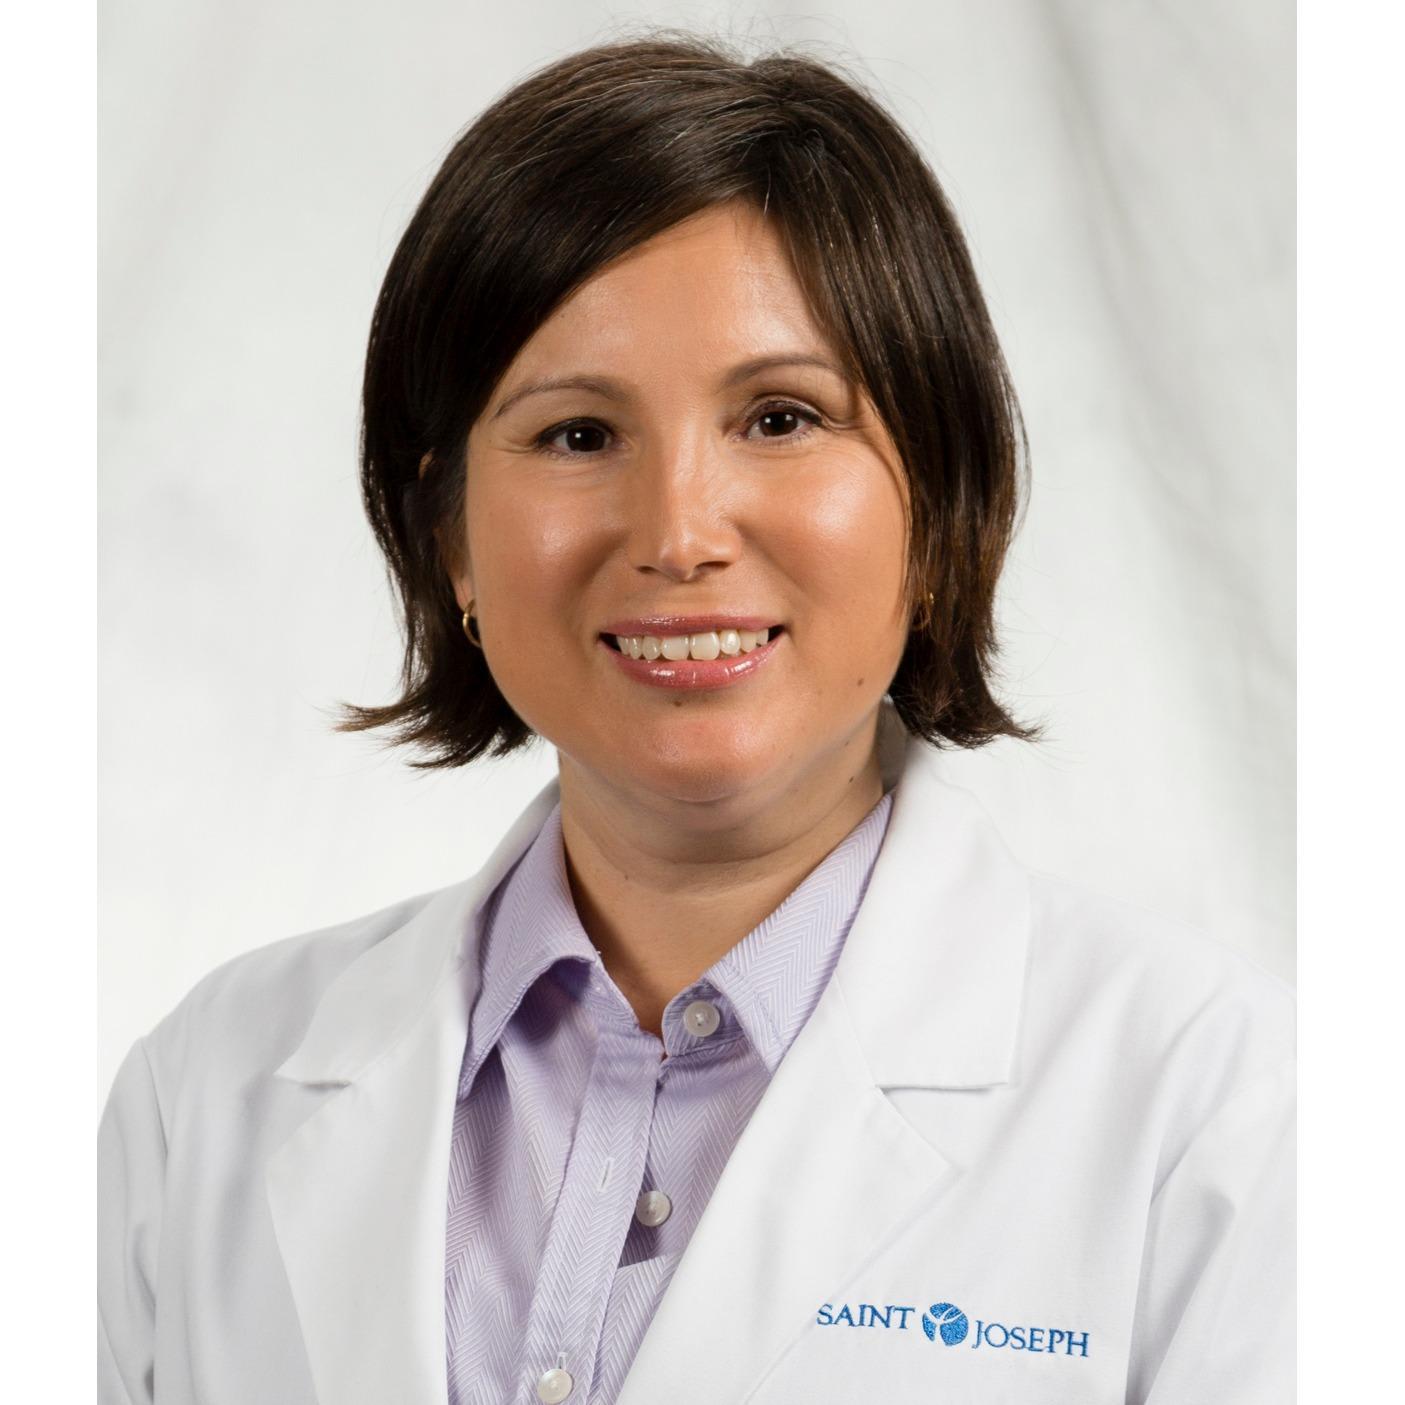 Dr. Noemi E Adame MD